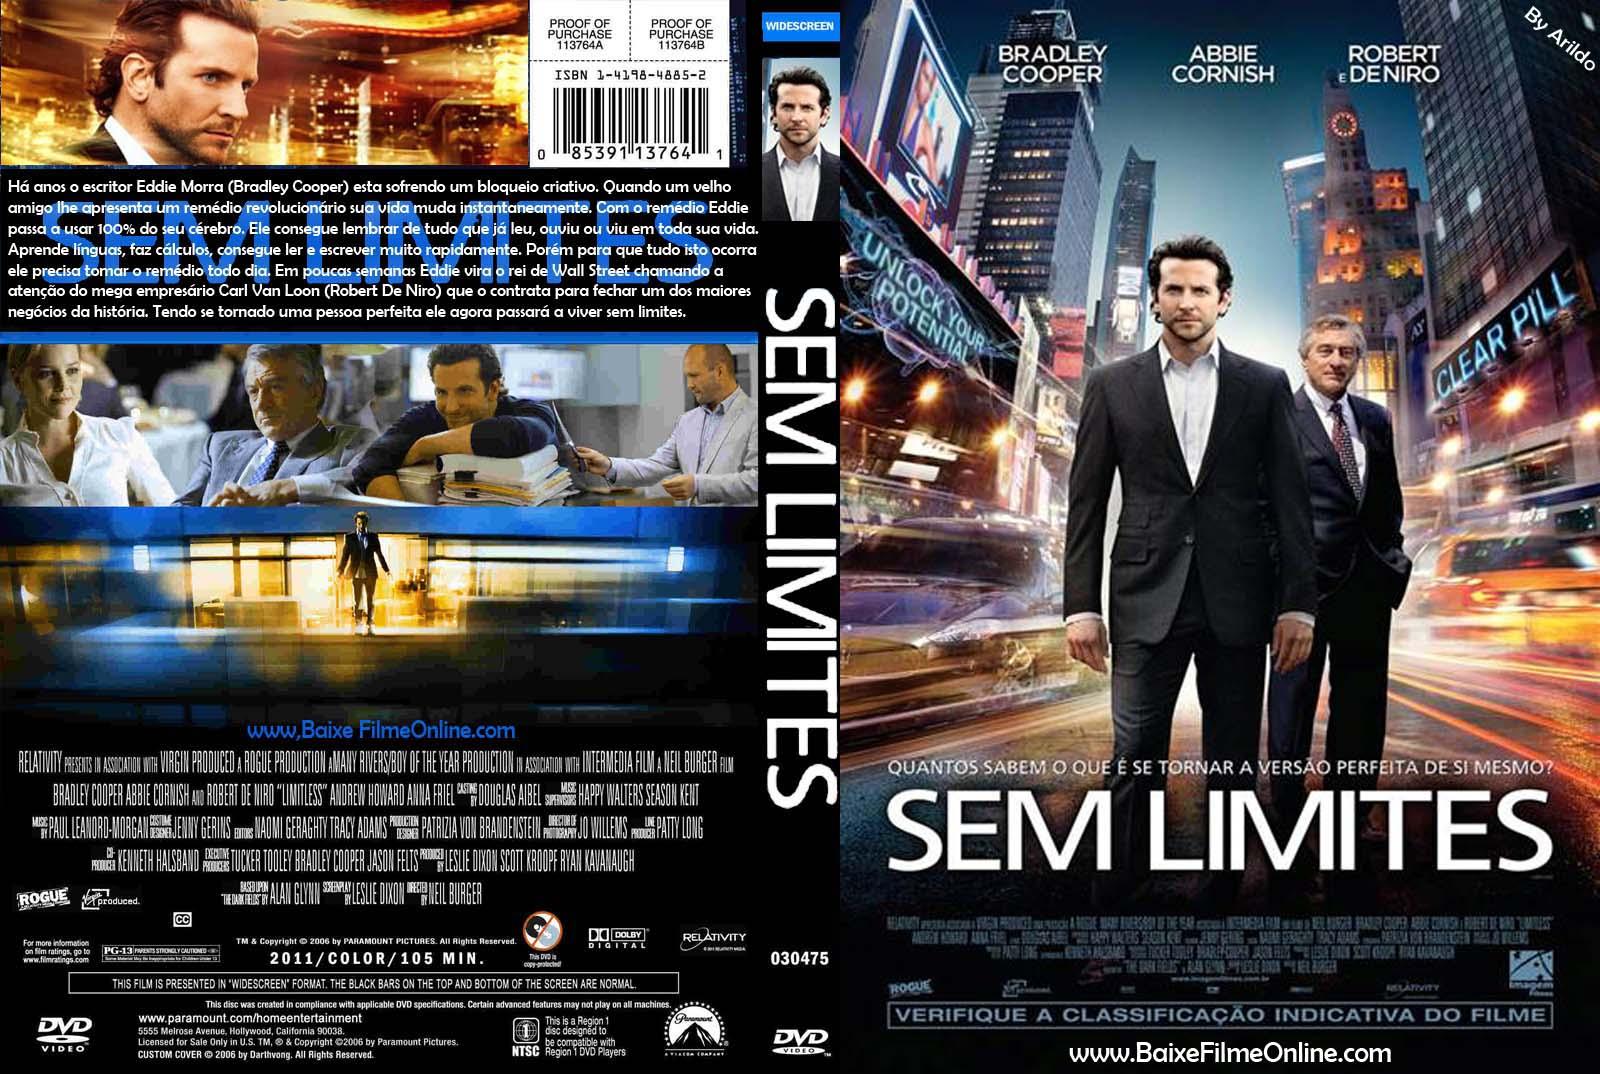 X-Pert Informática: Capas de Filmes